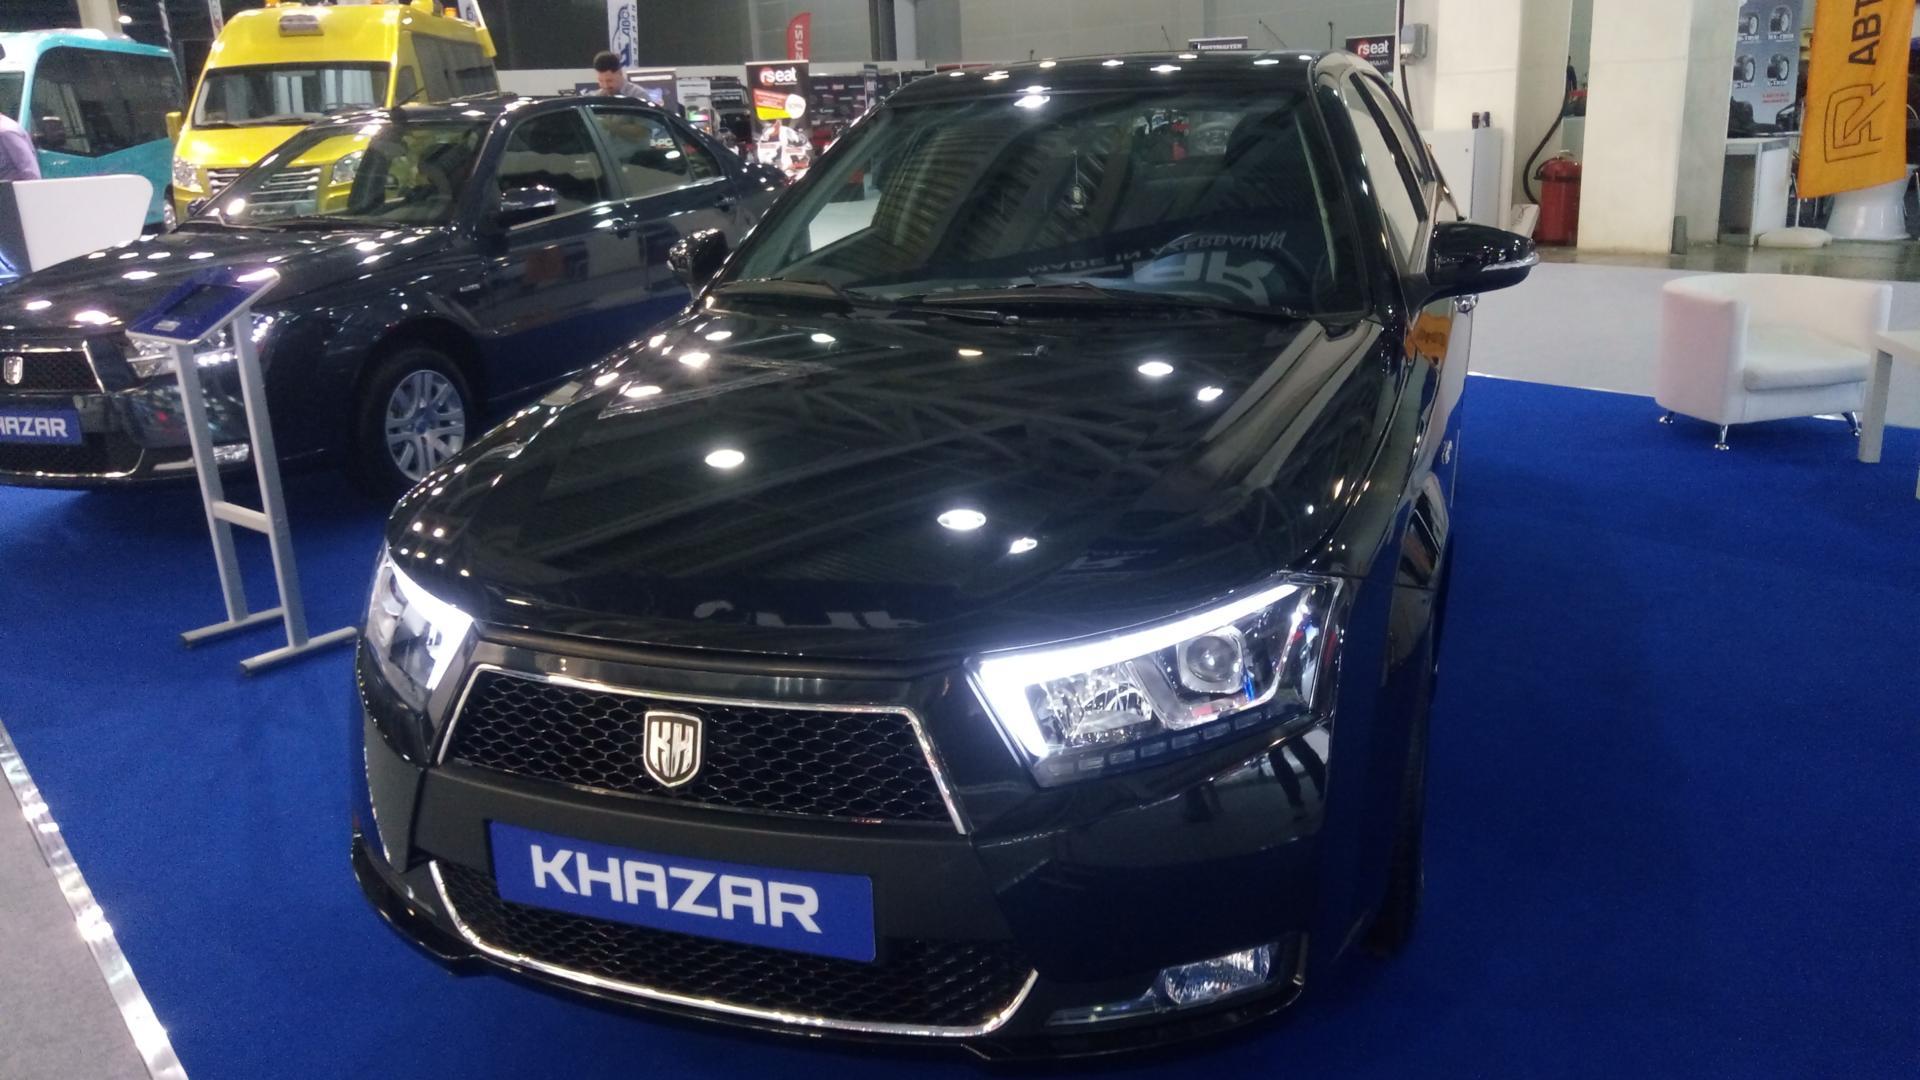 Азербайджанский автомобильный бренд Khazar планирует выйти на украинский рынок 1